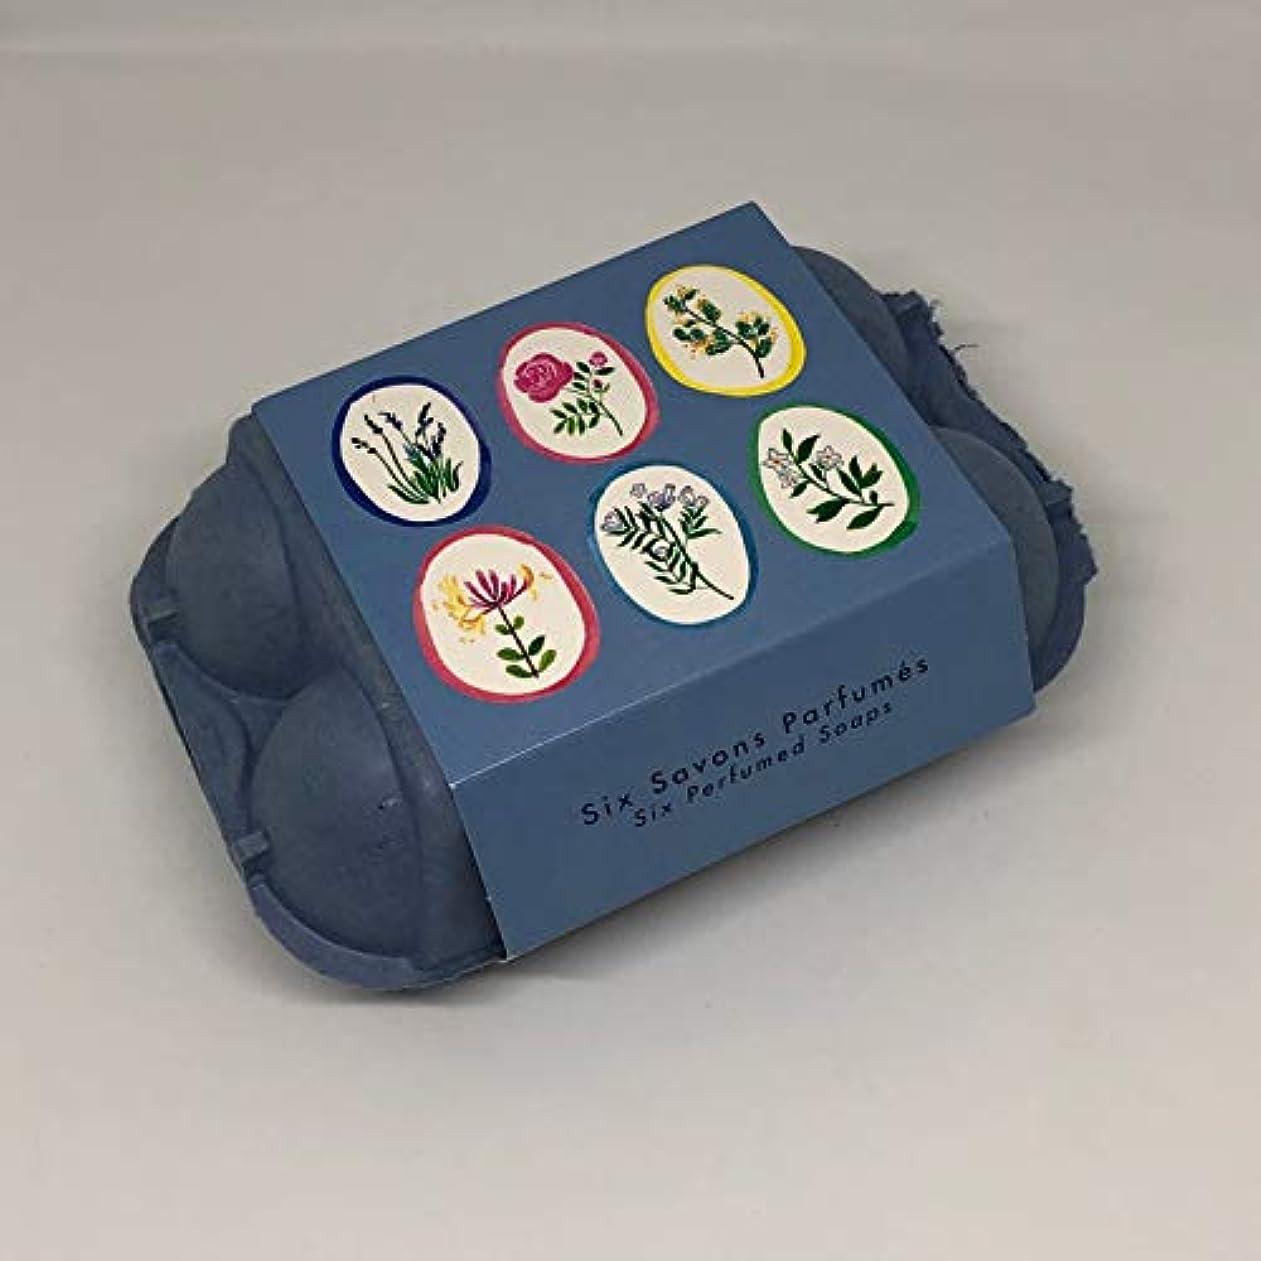 なしでうねるビュッフェフラゴナール Fragonard 卵型ソープセット 50g×6個 フランス直輸入 BLUE